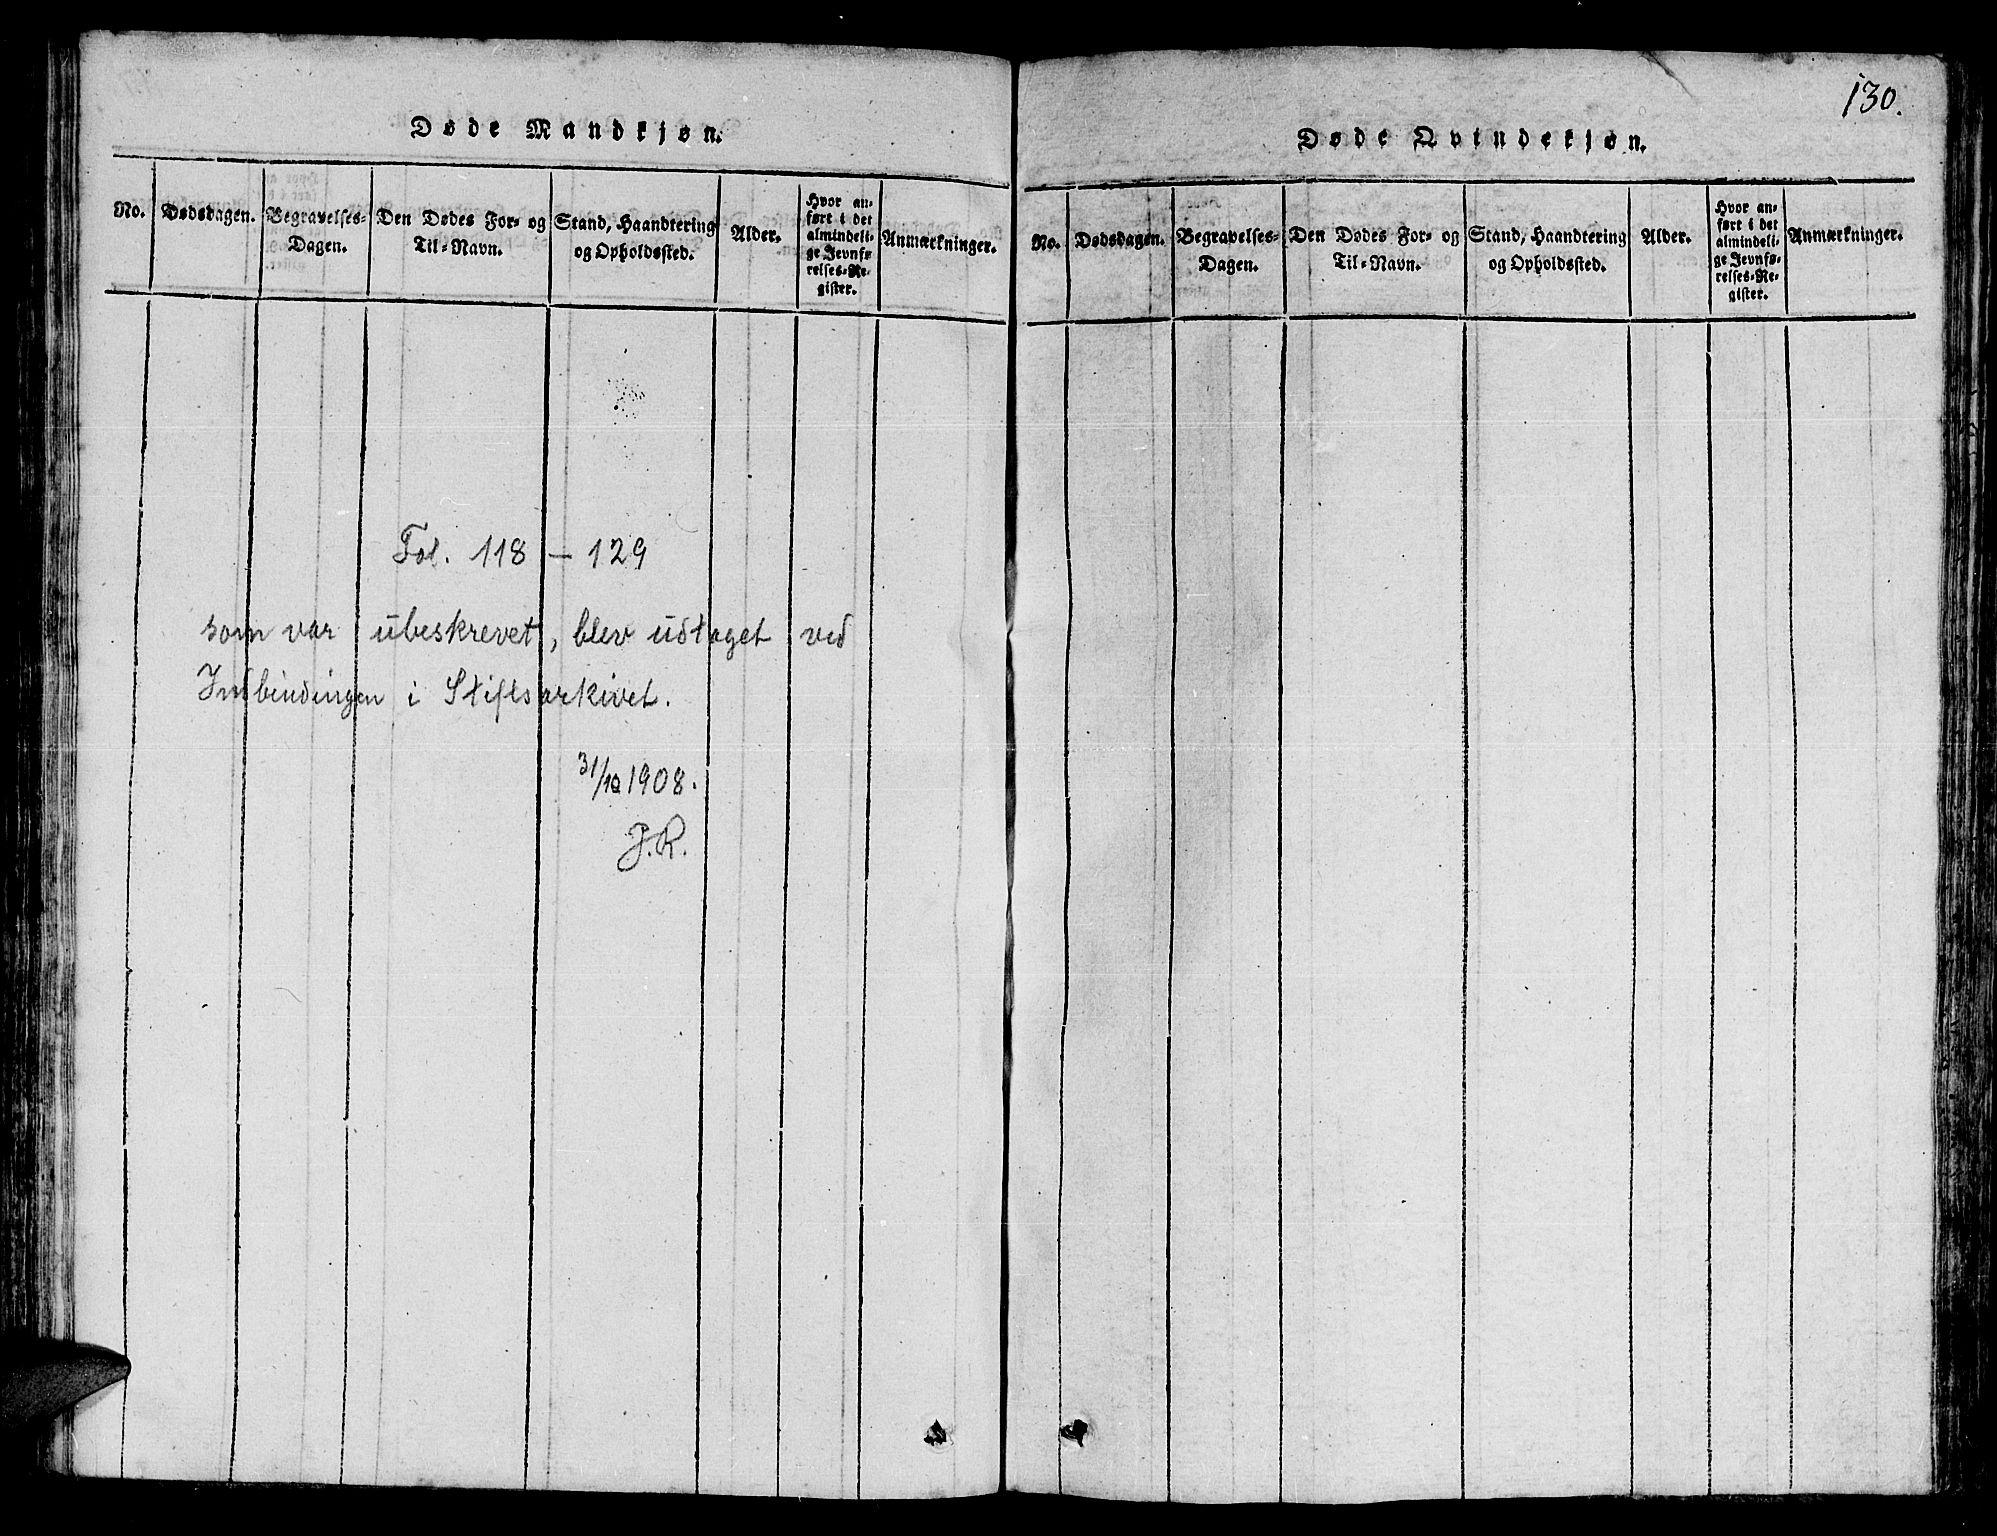 SAT, Ministerialprotokoller, klokkerbøker og fødselsregistre - Nord-Trøndelag, 780/L0648: Klokkerbok nr. 780C01 /1, 1815-1870, s. 130